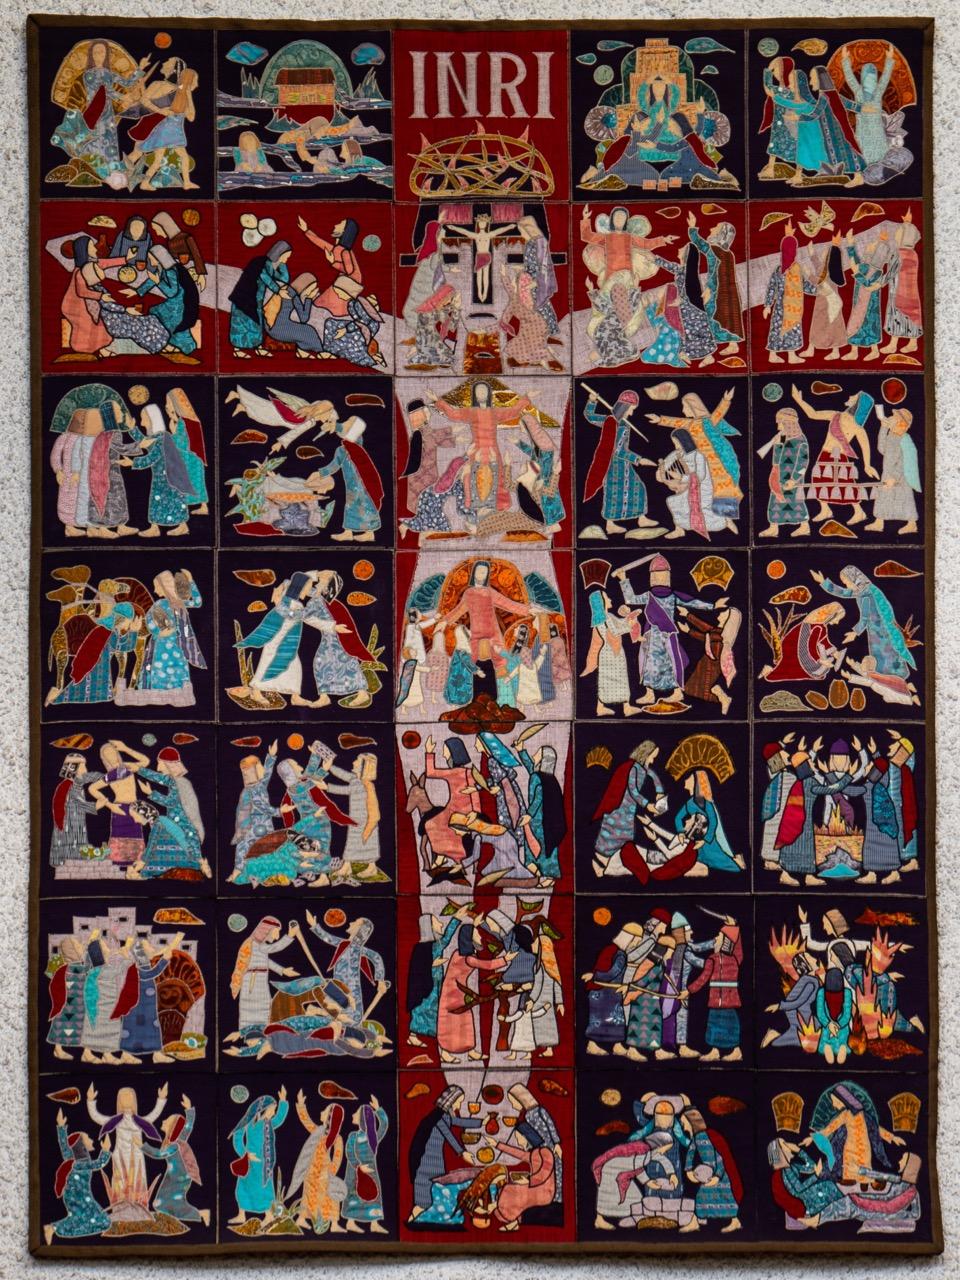 Wandbehang im Altarraum mit 35 Einzelbildern aus dem alten und neuen Testament (Sieglinde Wilk, 1973)